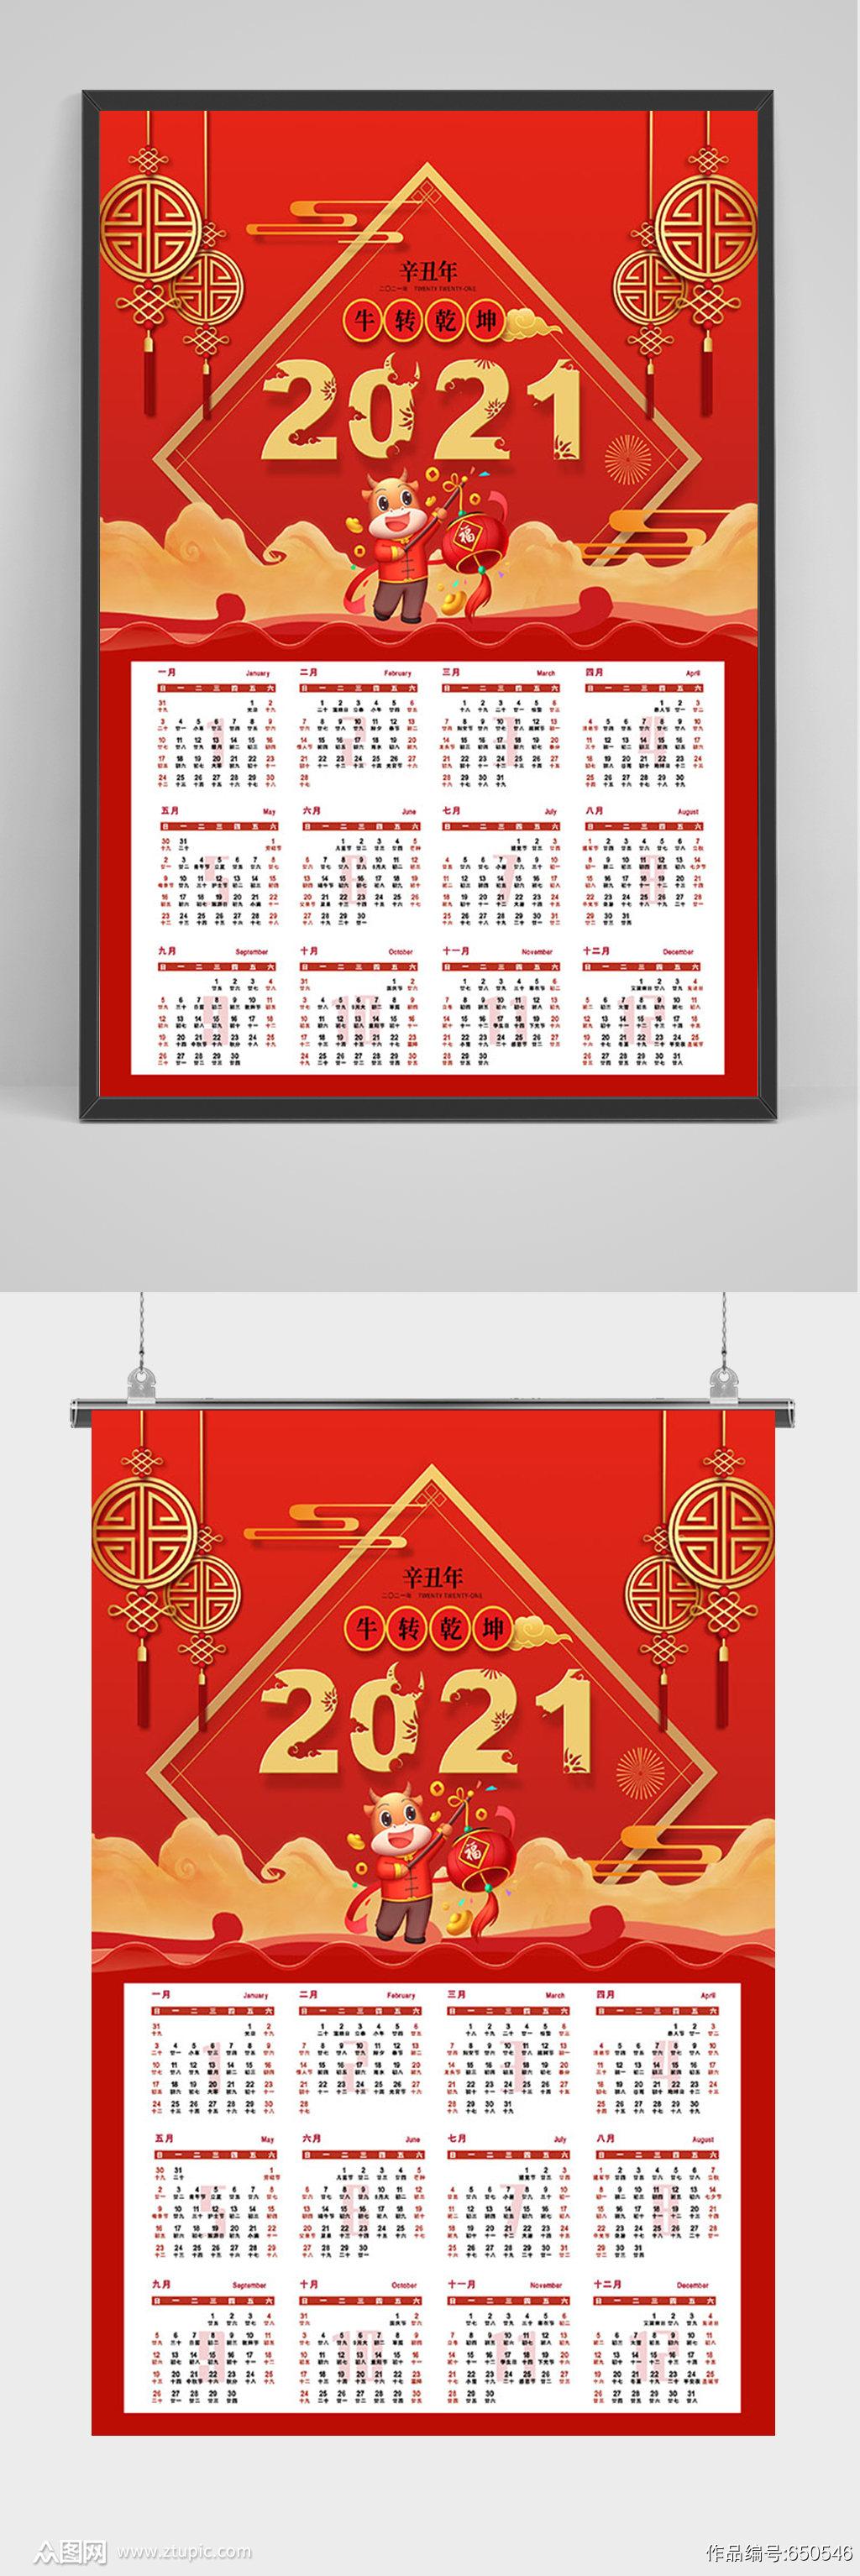 红色喜庆2021日历海报素材